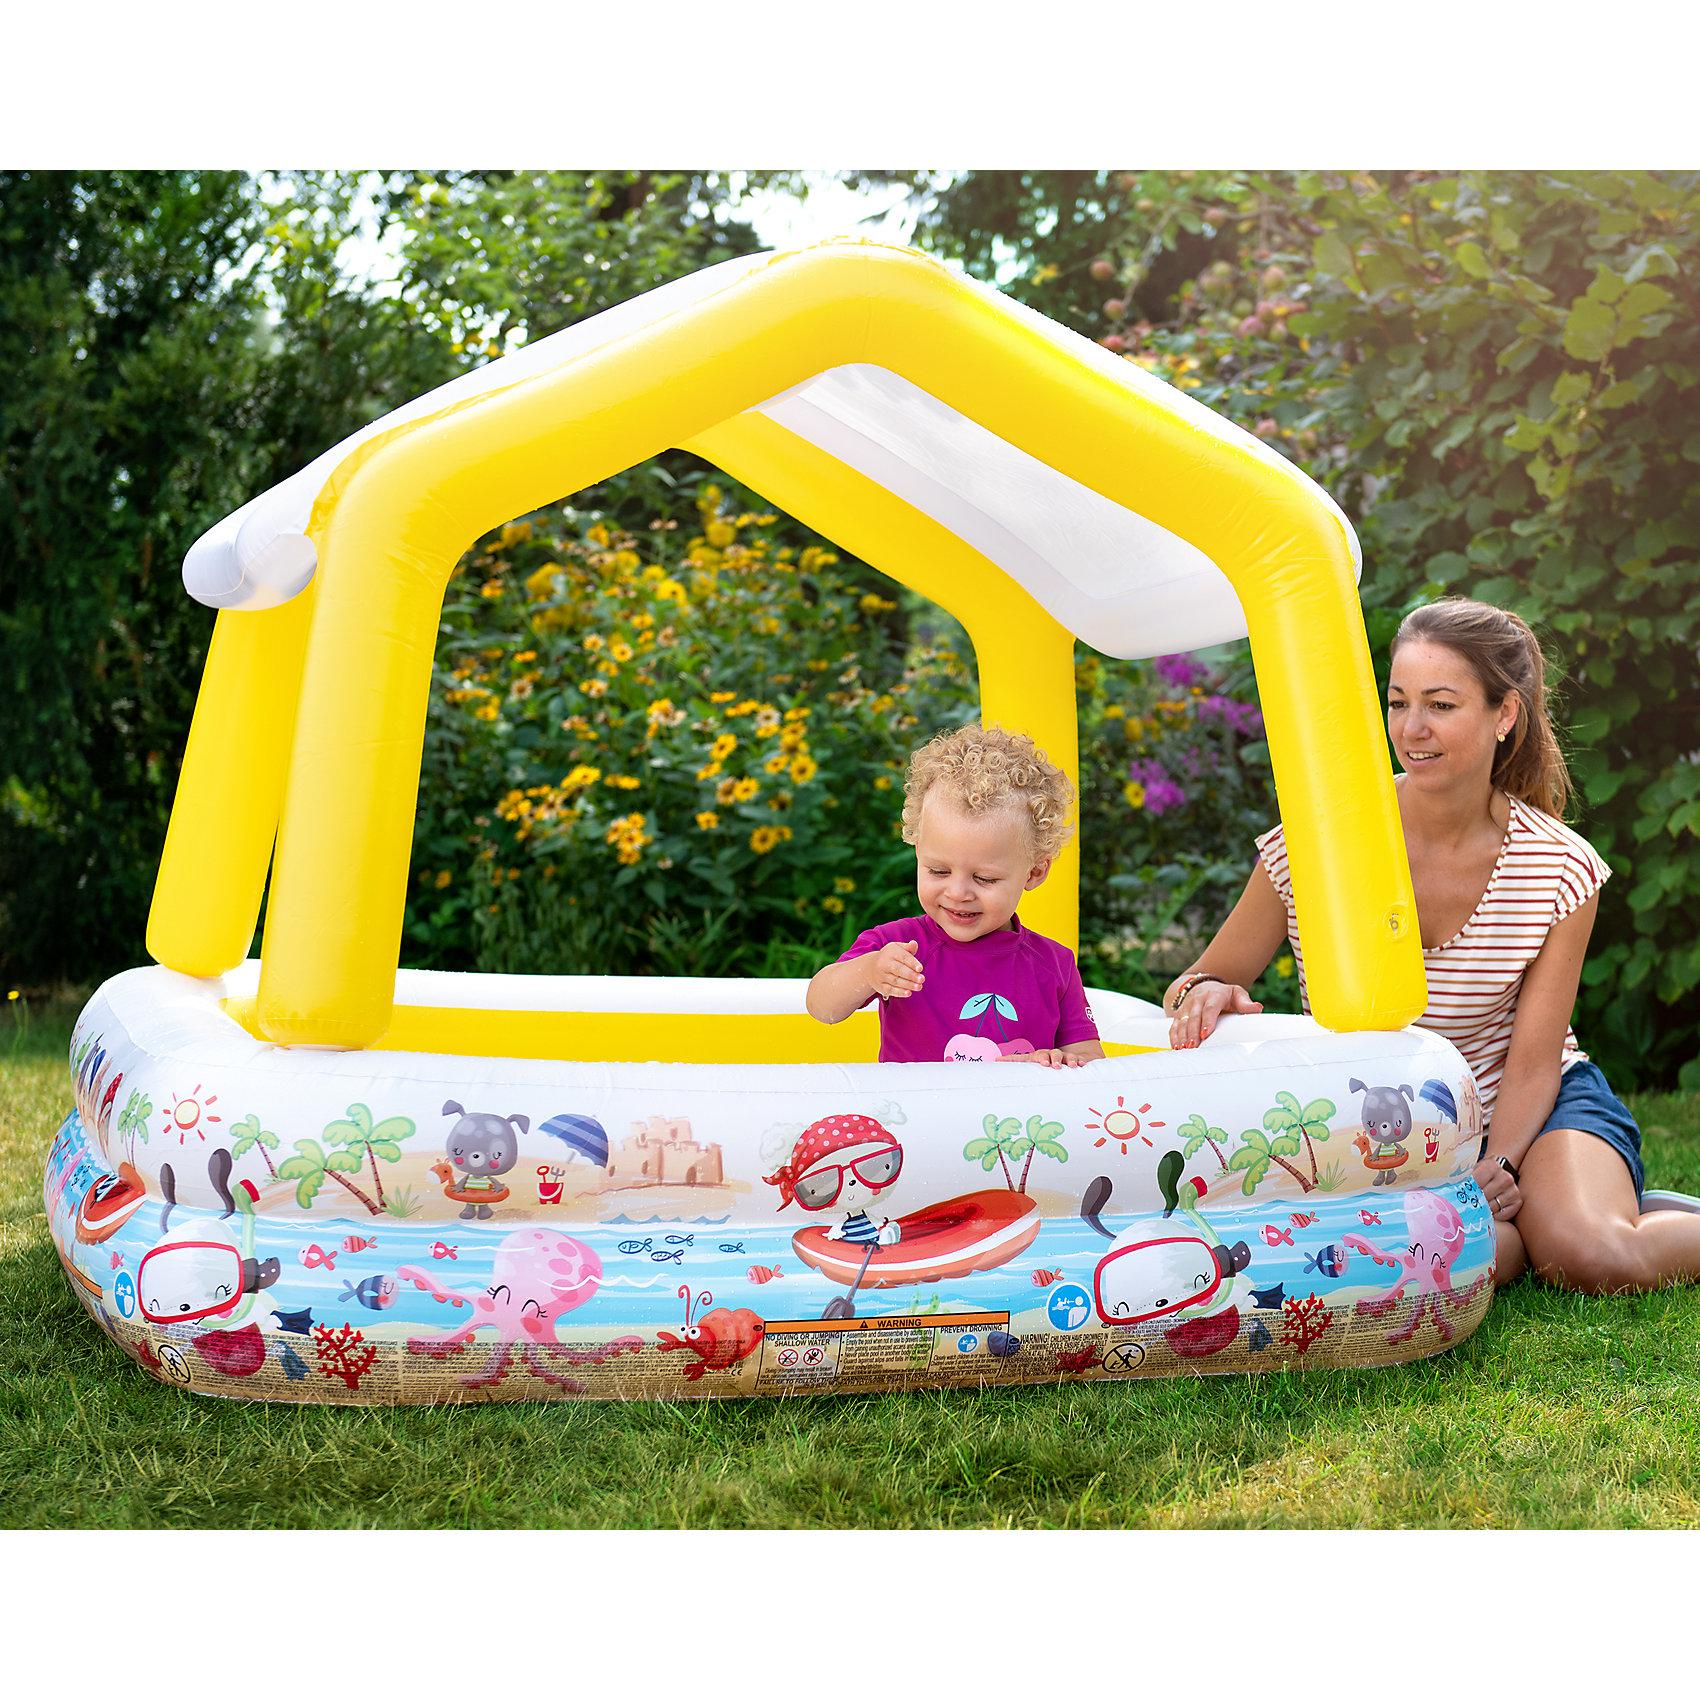 Детский надувной бассейн Домик с навесом, IntexБассейны<br>Детский надувной бассейн Домик с навесом, Intex (Интекс) квадратной формы. Его размер позволяет удобно разместиться нескольким детям. Мягкие невысокие стенки бассейна высотой 38 см позволяют родителям следить за детьми, а надувные бортики обеспечивают достаточный уровень безопасности. Домик с навесом защищает детей от прямых солнечных лучей. При необходимости навес-домик можно снять.<br><br>Яркий, радостный и позитивный бассейн, напоминающий аквариум из-за ярких рыбок, нарисованных на его бортиках, обязательно понравится вашему ребёнку.<br><br>Дополнительная информация:<br><br>- Размер бассейна: 157 x 157 x 122 см<br>- Высота бассейна: 38 см (122 см с тентом).<br>- Вместимость бассейна: 280 л.<br>- Вес: 4 кг.<br>- Навес съёмный.<br>- Ненадувное дно<br><br>Детский надувной бассейн Домик с навесом, Intex (Интекс) можно купить в нашем интернет-магазине.<br><br>Ширина мм: 358<br>Глубина мм: 301<br>Высота мм: 106<br>Вес г: 3672<br>Возраст от месяцев: 24<br>Возраст до месяцев: 1164<br>Пол: Унисекс<br>Возраст: Детский<br>SKU: 3340386